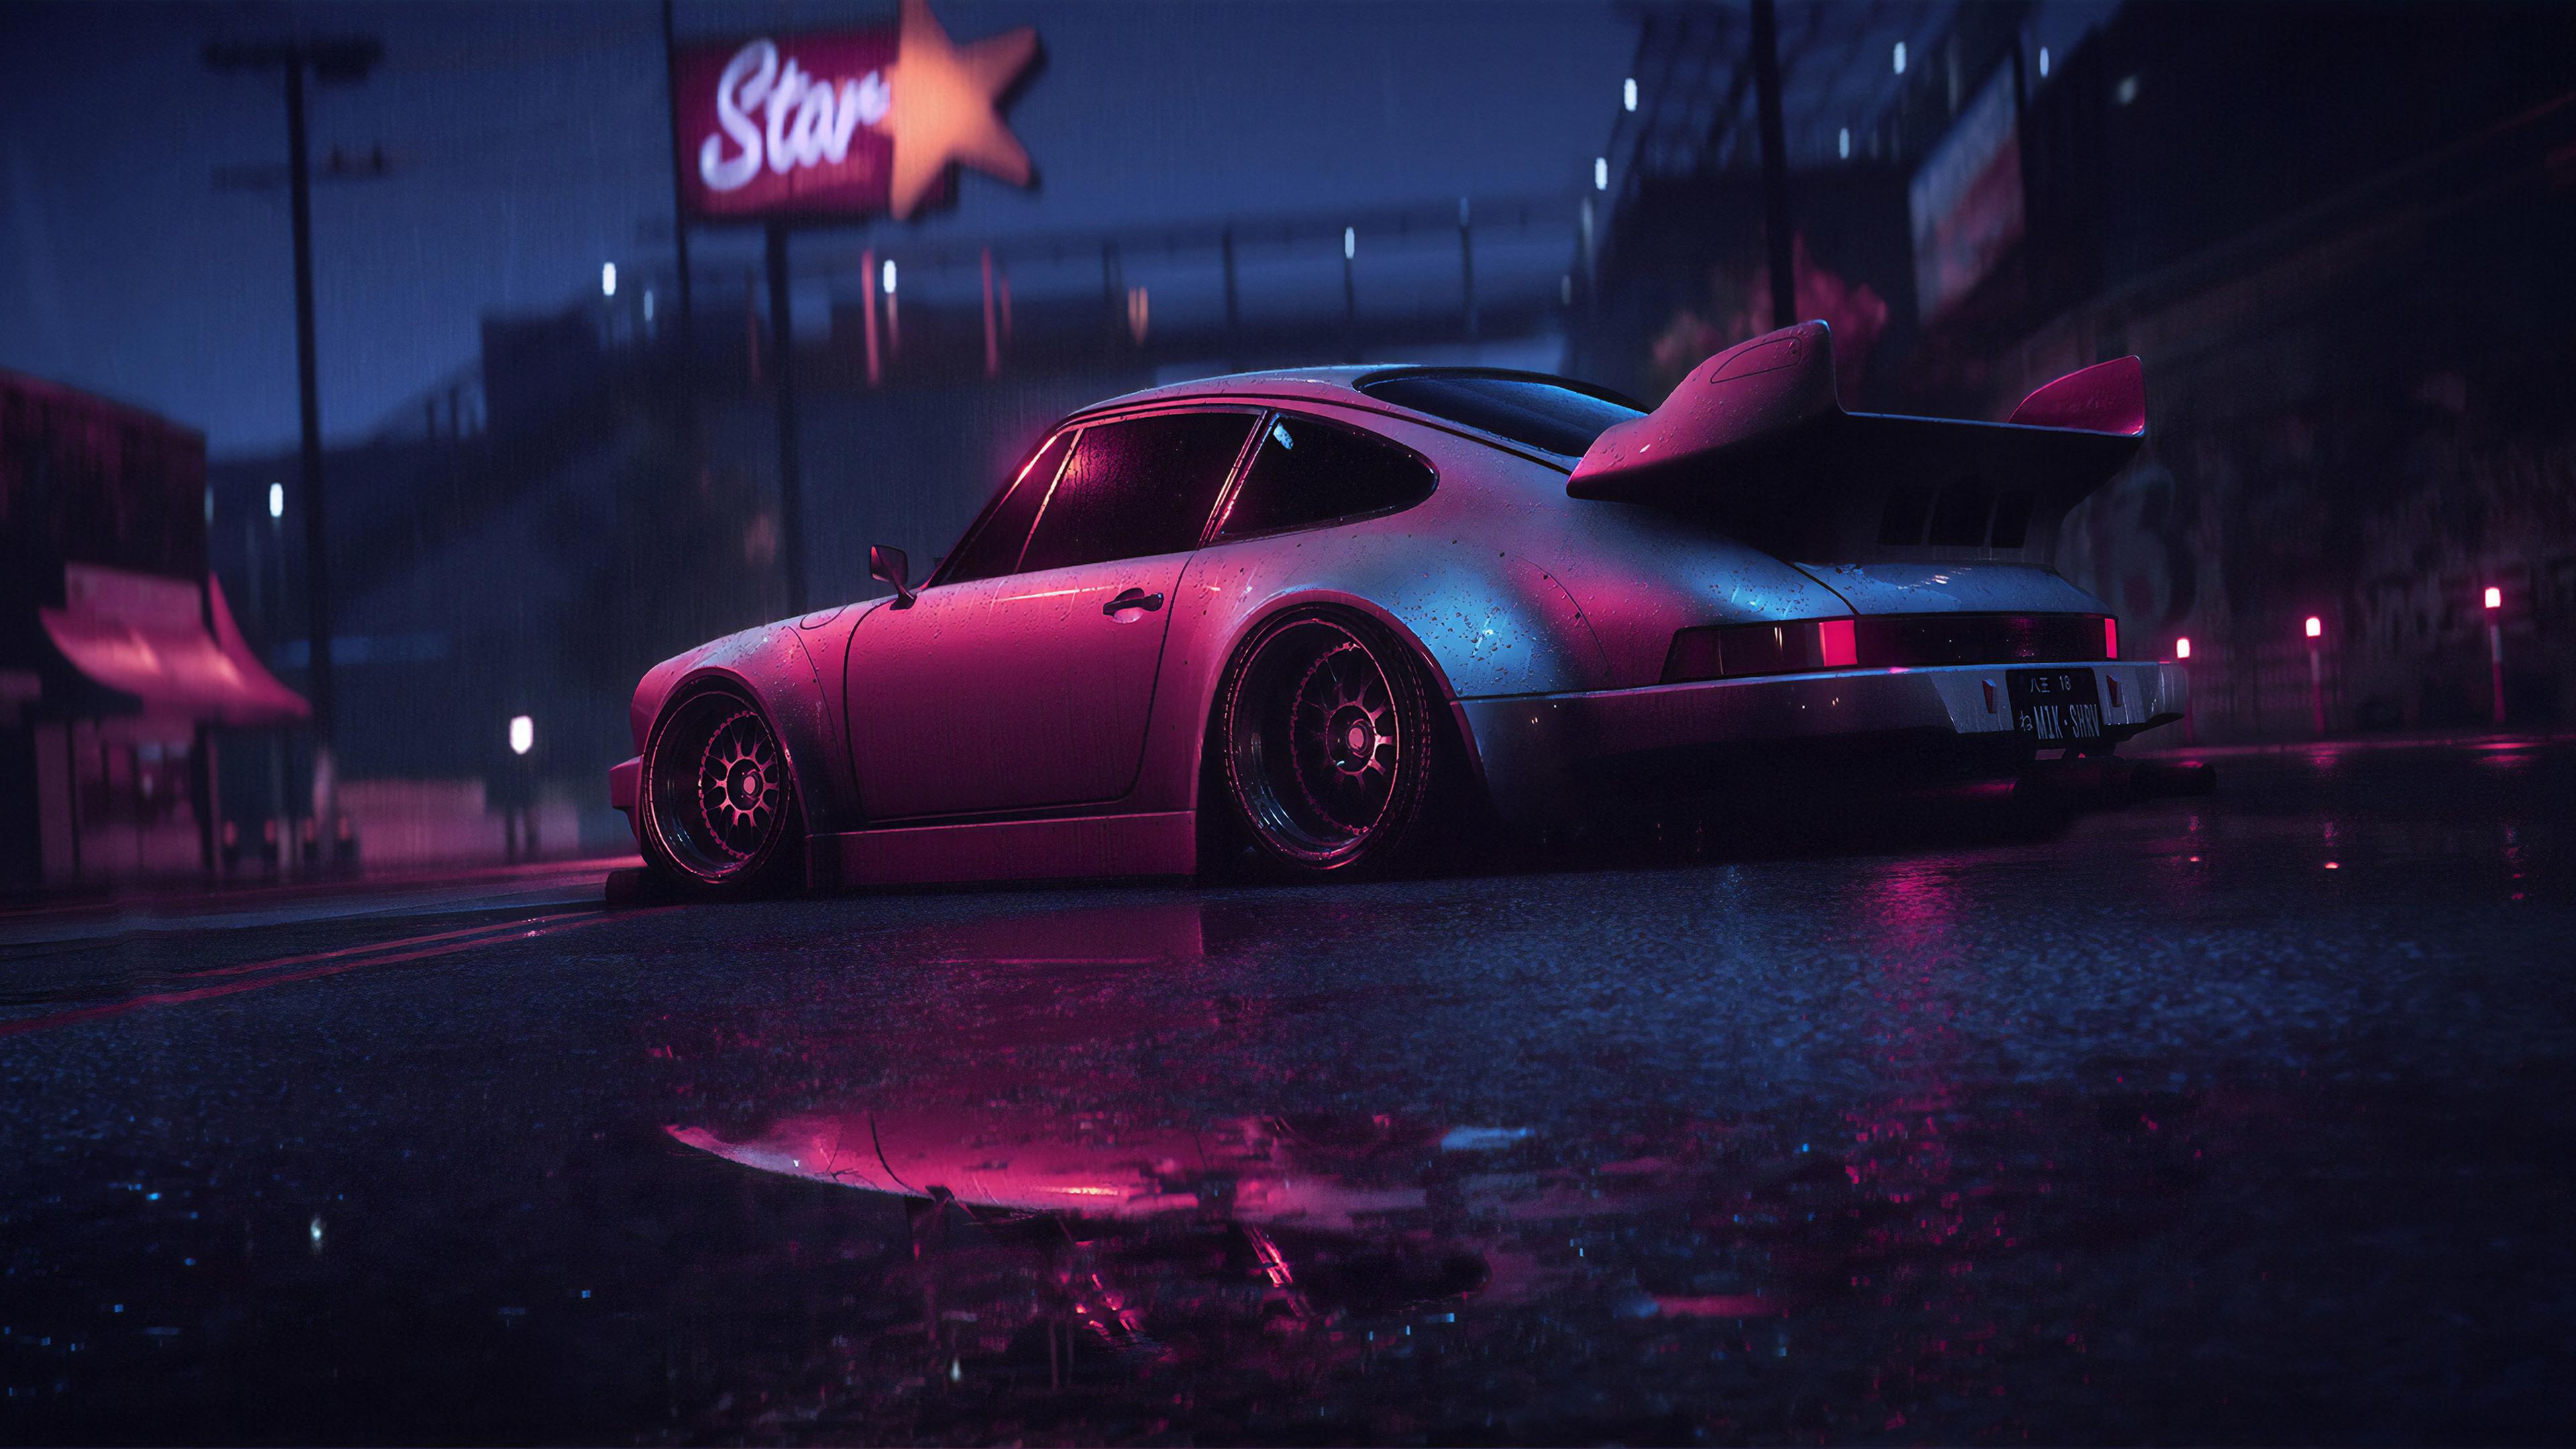 porsche 911 carrera rsr neon reflection 1562107985 - Porsche 911 Carrera RSR Neon Reflection - porsche wallpapers, porsche 911 wallpapers, hd-wallpapers, digital art wallpapers, cars wallpapers, artwork wallpapers, artstation wallpapers, artist wallpapers, 4k-wallpapers, 2019 cars wallpapers